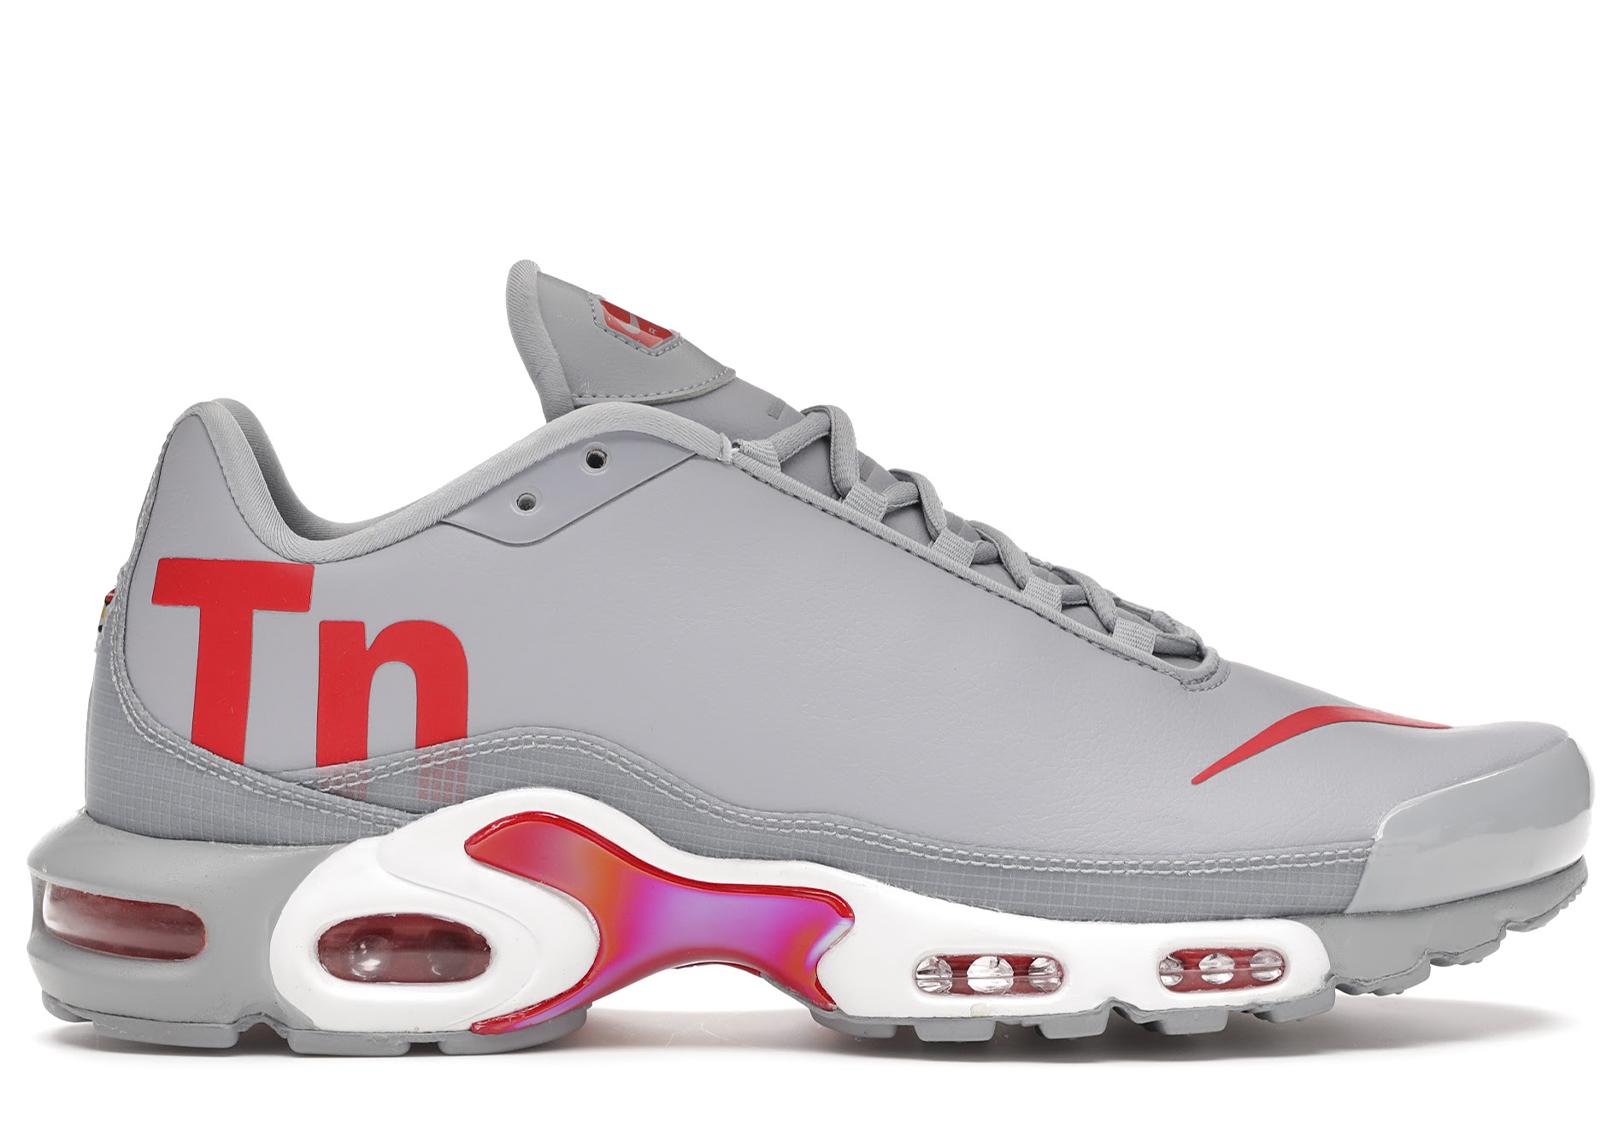 Nike Mercurial TN Wolf Grey